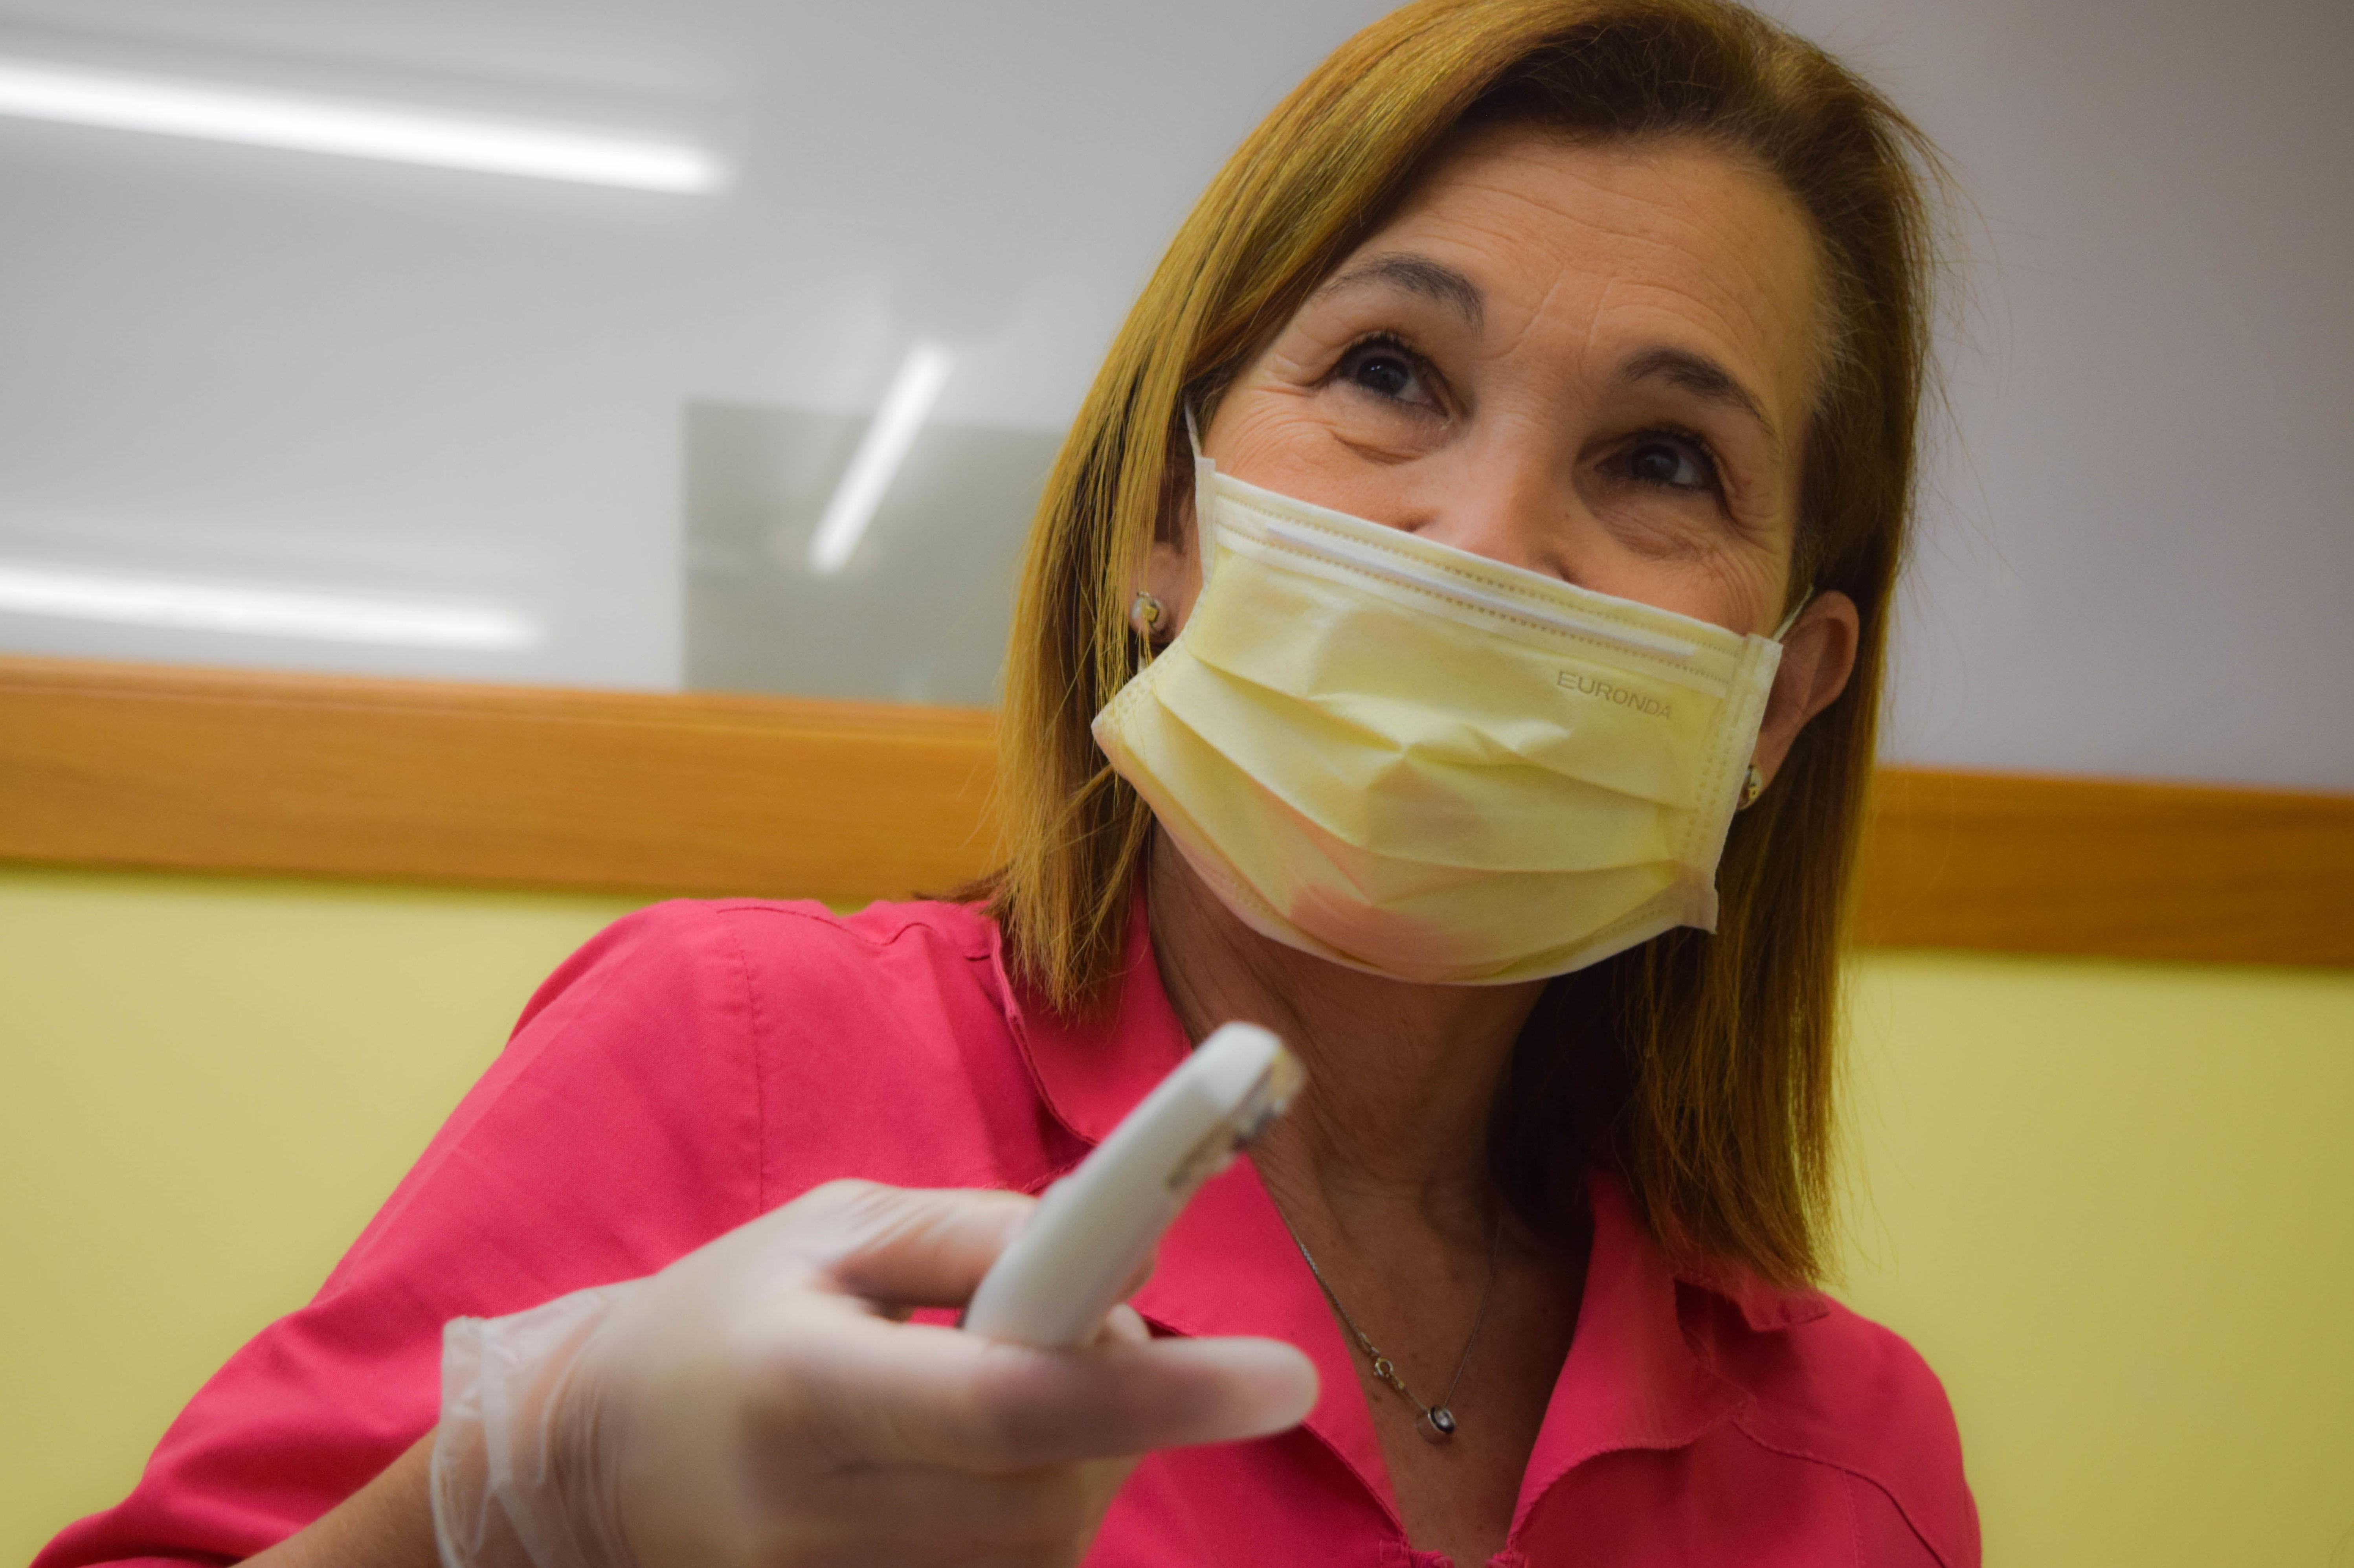 Endodoncia: Tratamientos de Clínica Dental Nora Accaputo de Vizcaya